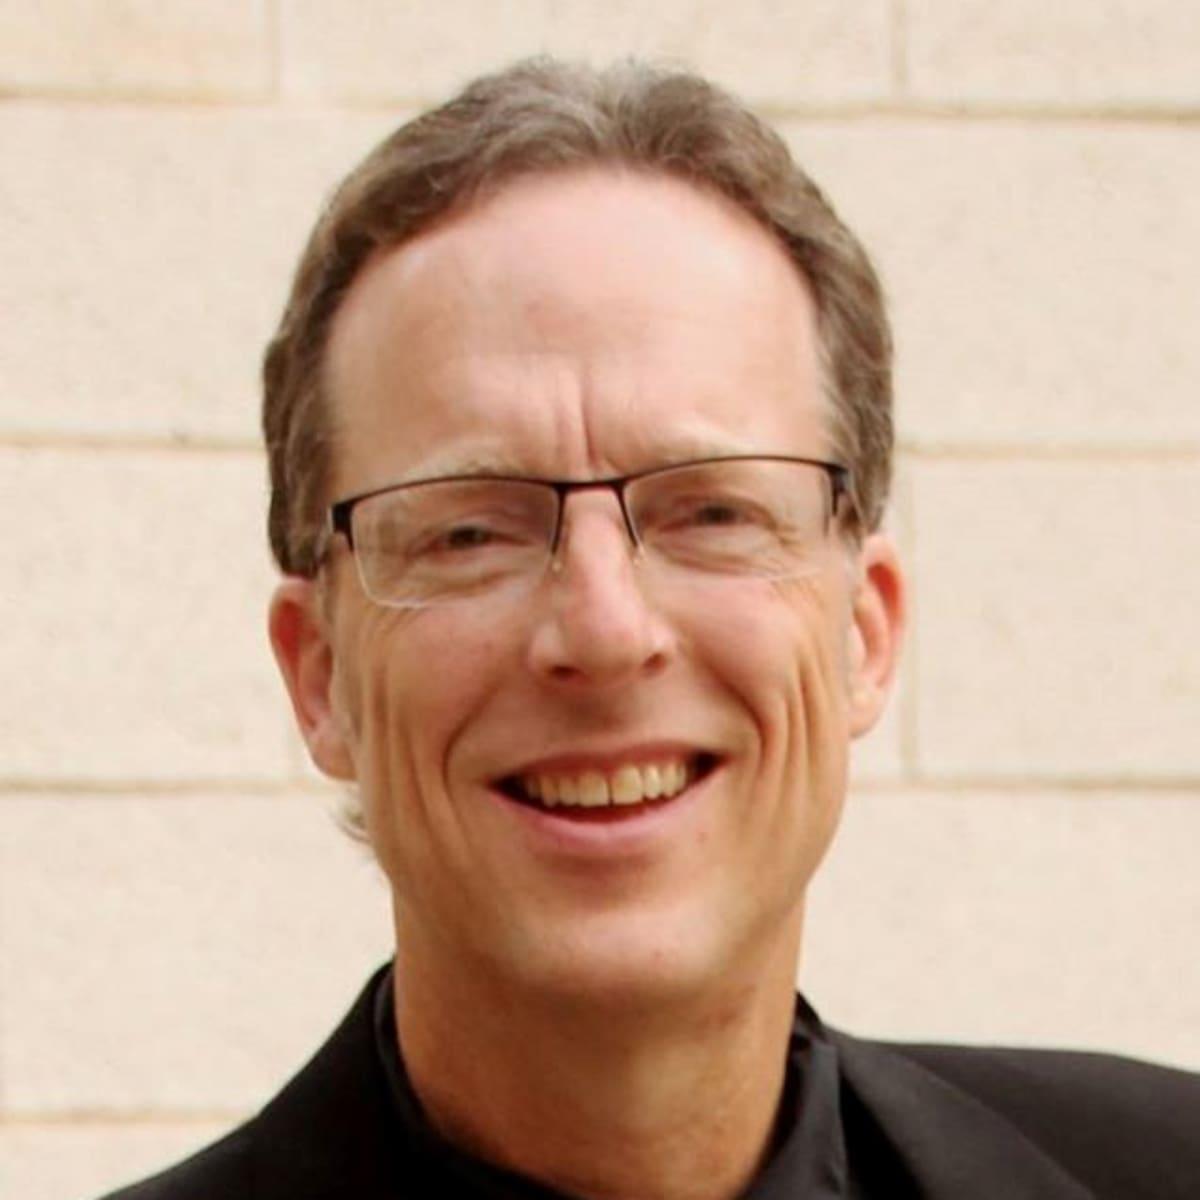 Brett Weiss: